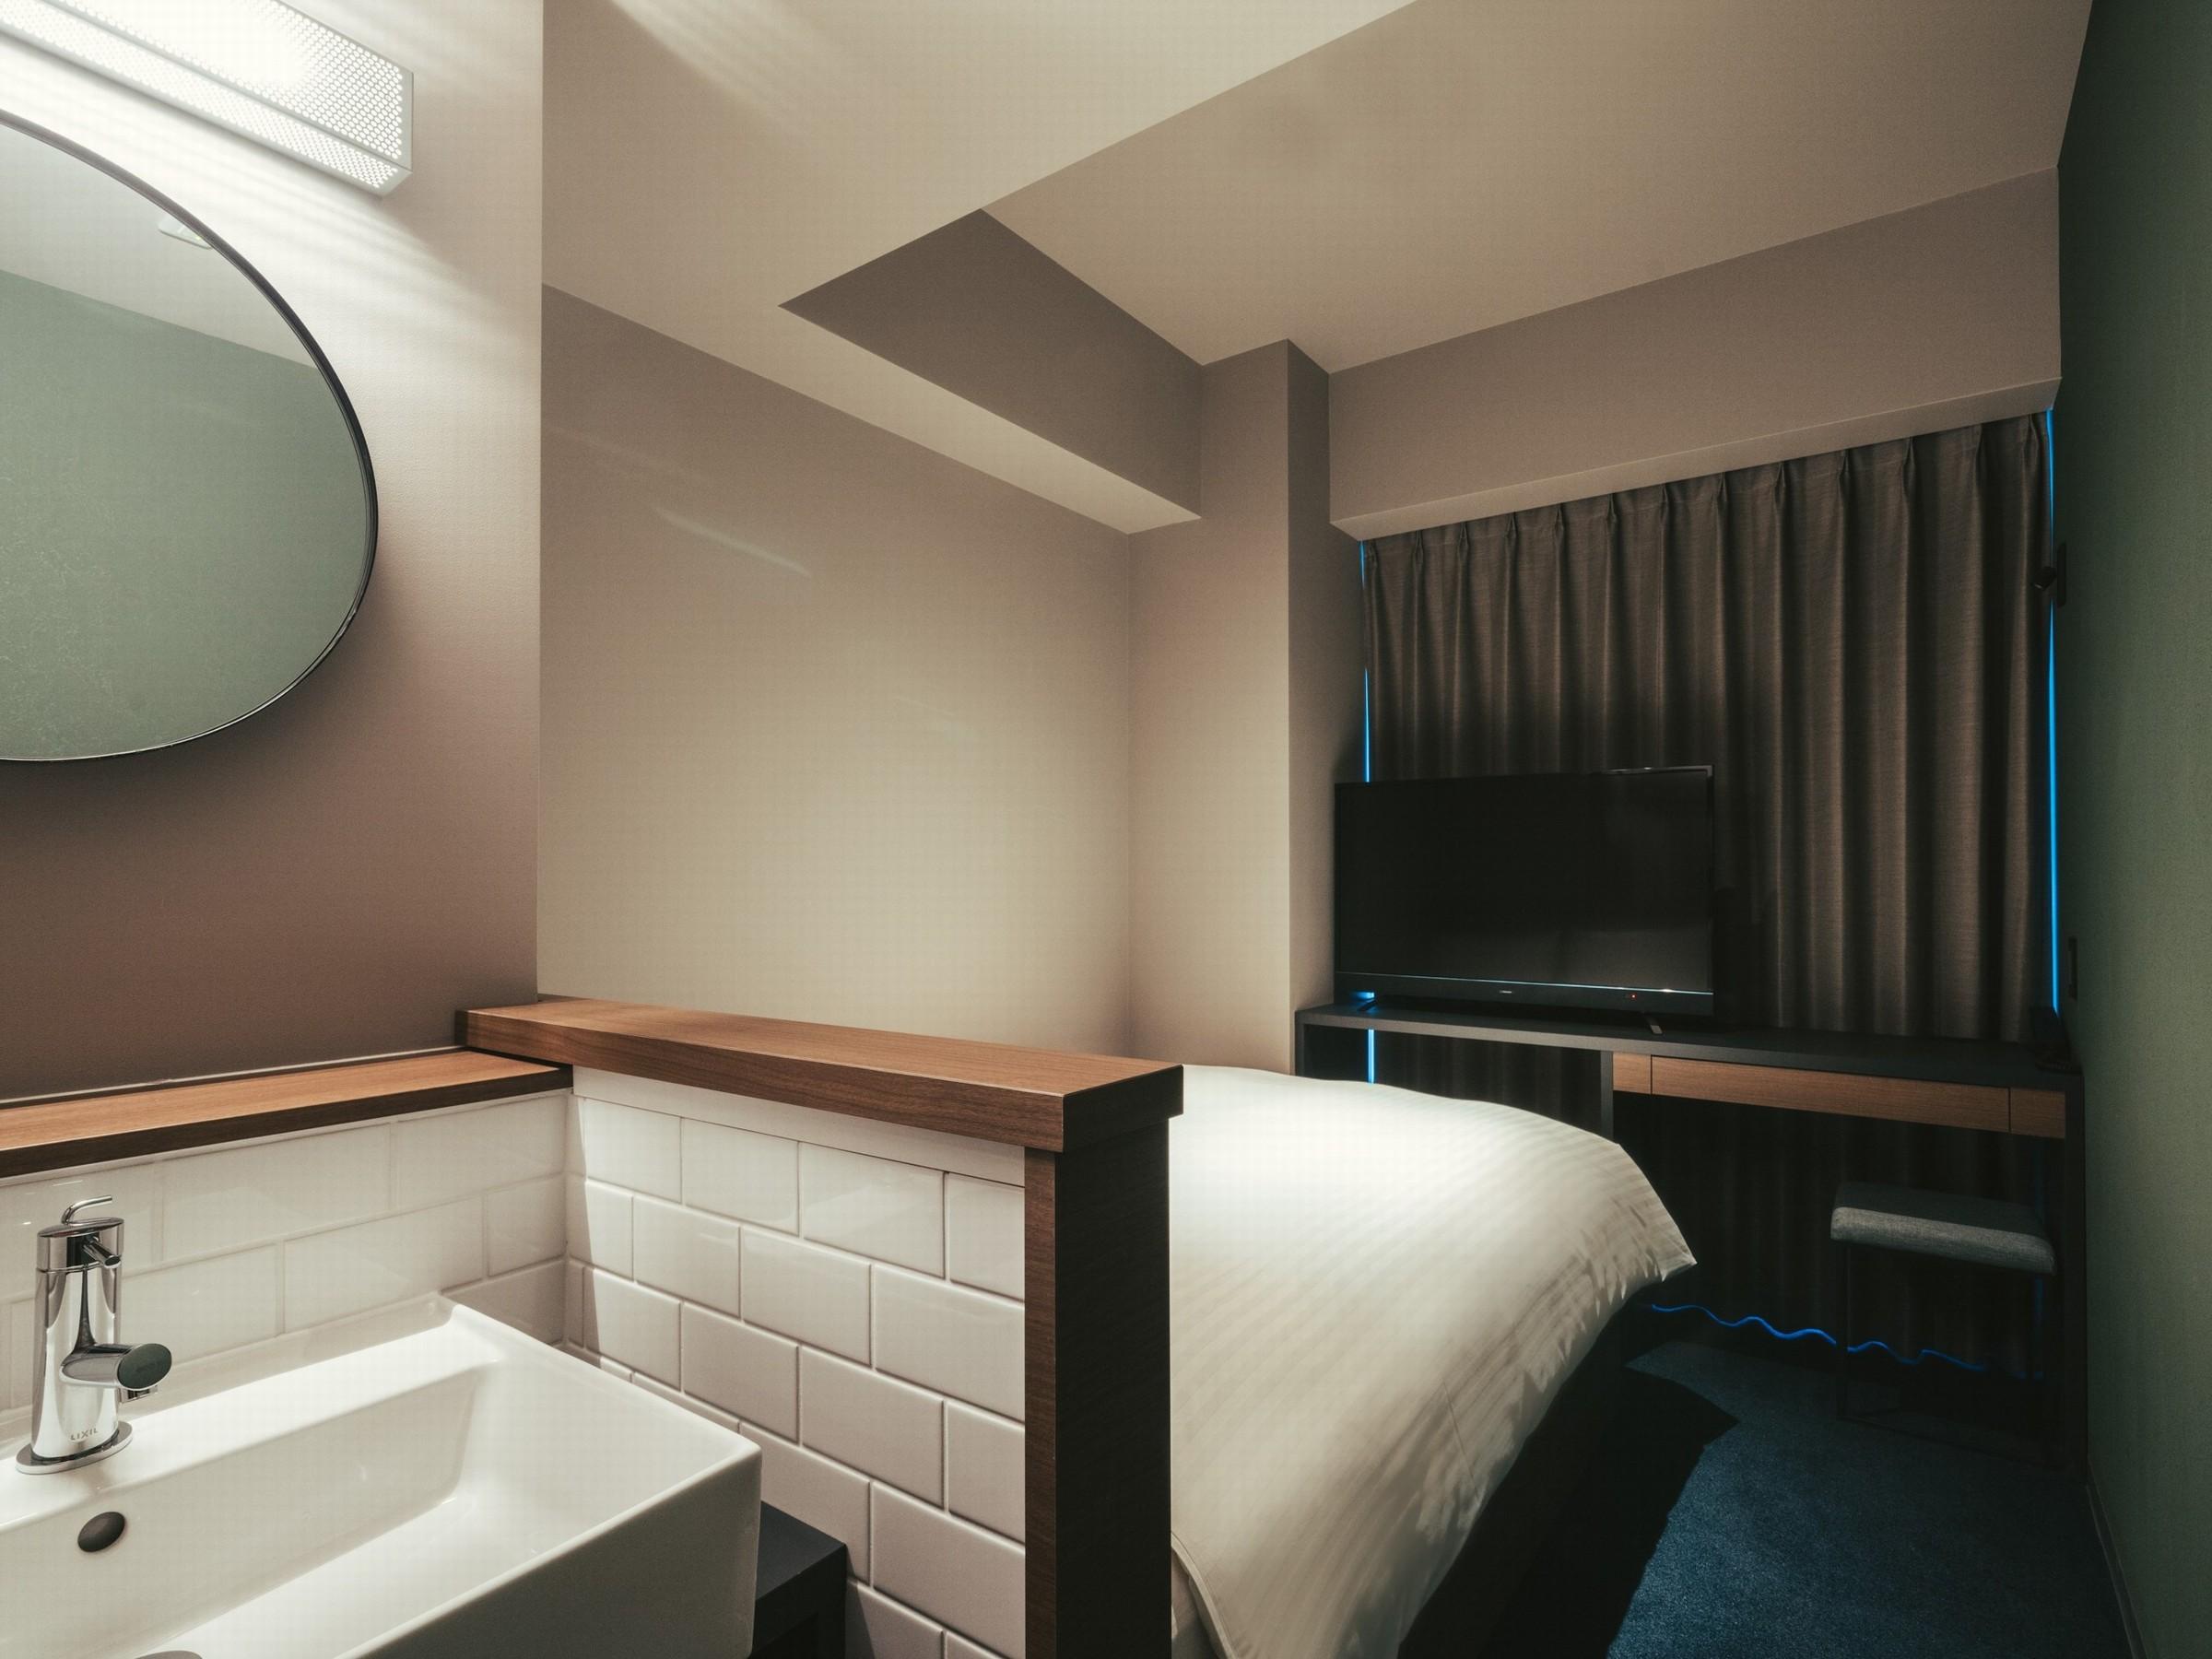 センチュリオンホテルCEN福岡博多 / ◆全室禁煙◆スタンダードダブル 《1-2名様》